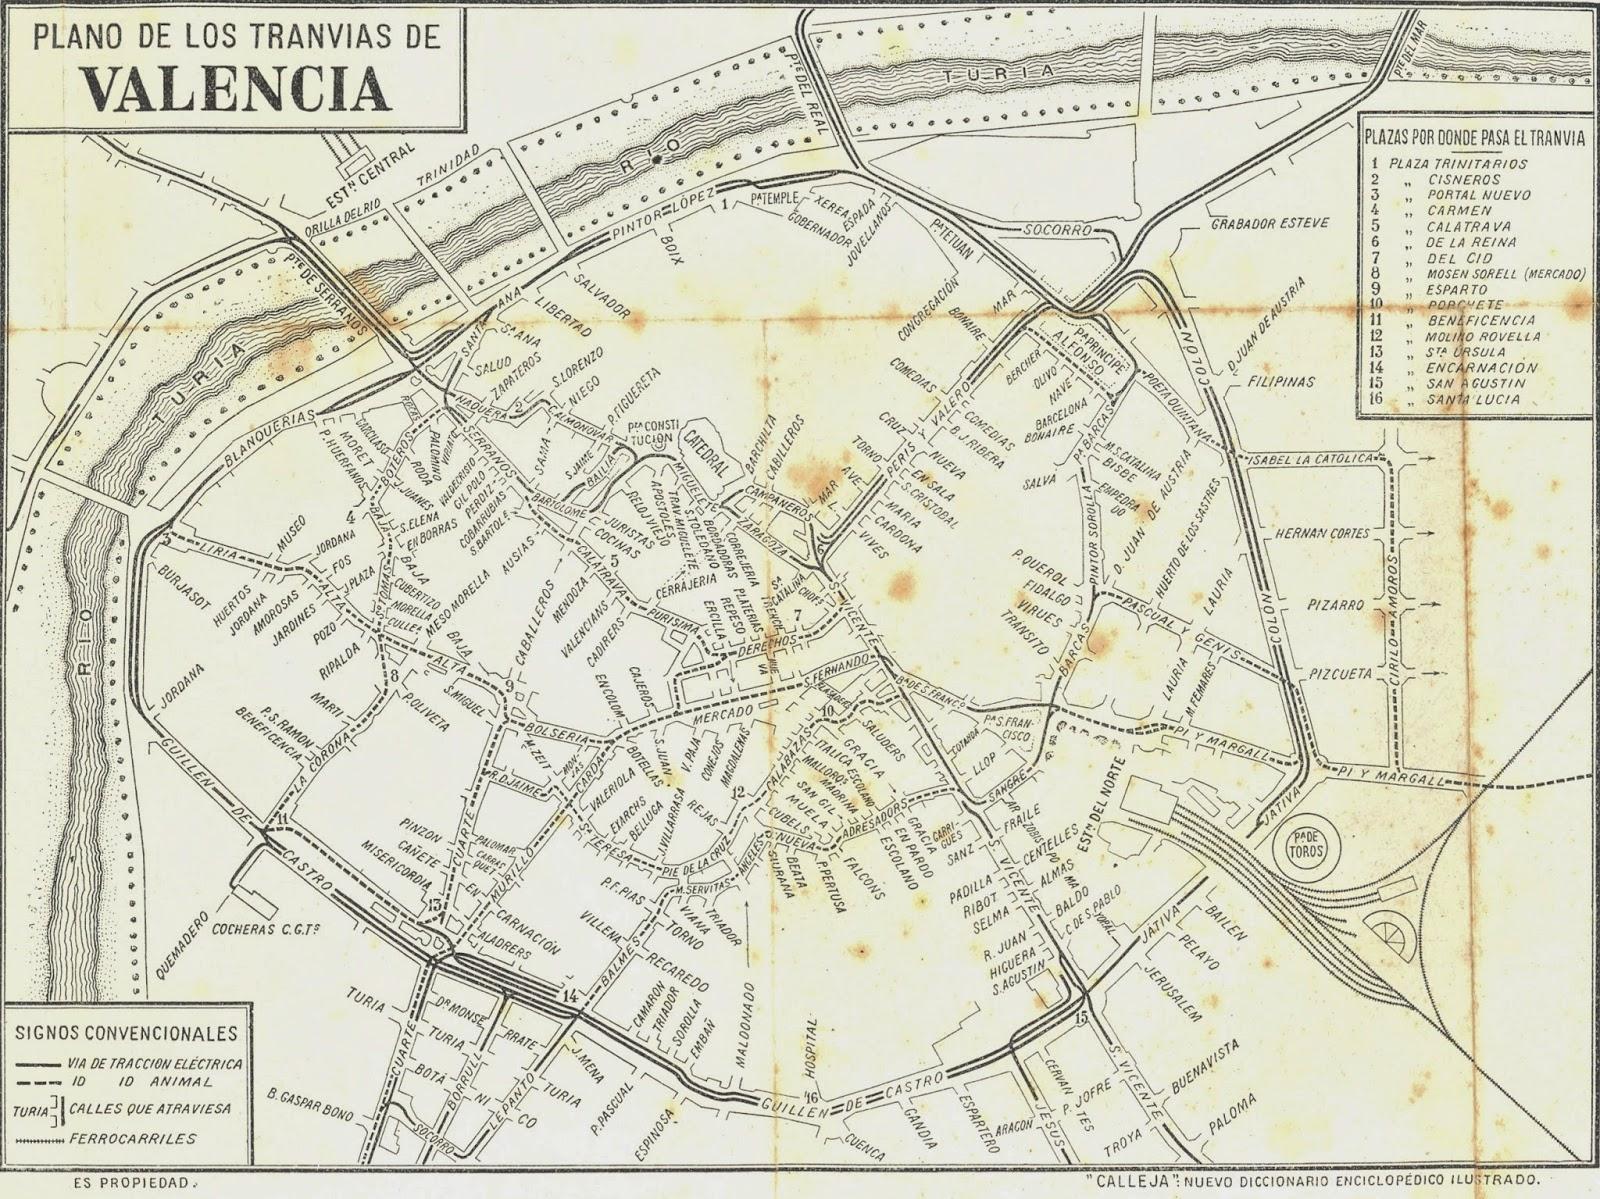 Circuito Urbano Valencia : Historias del tren los tranvÍas de valencia del motor de sangre